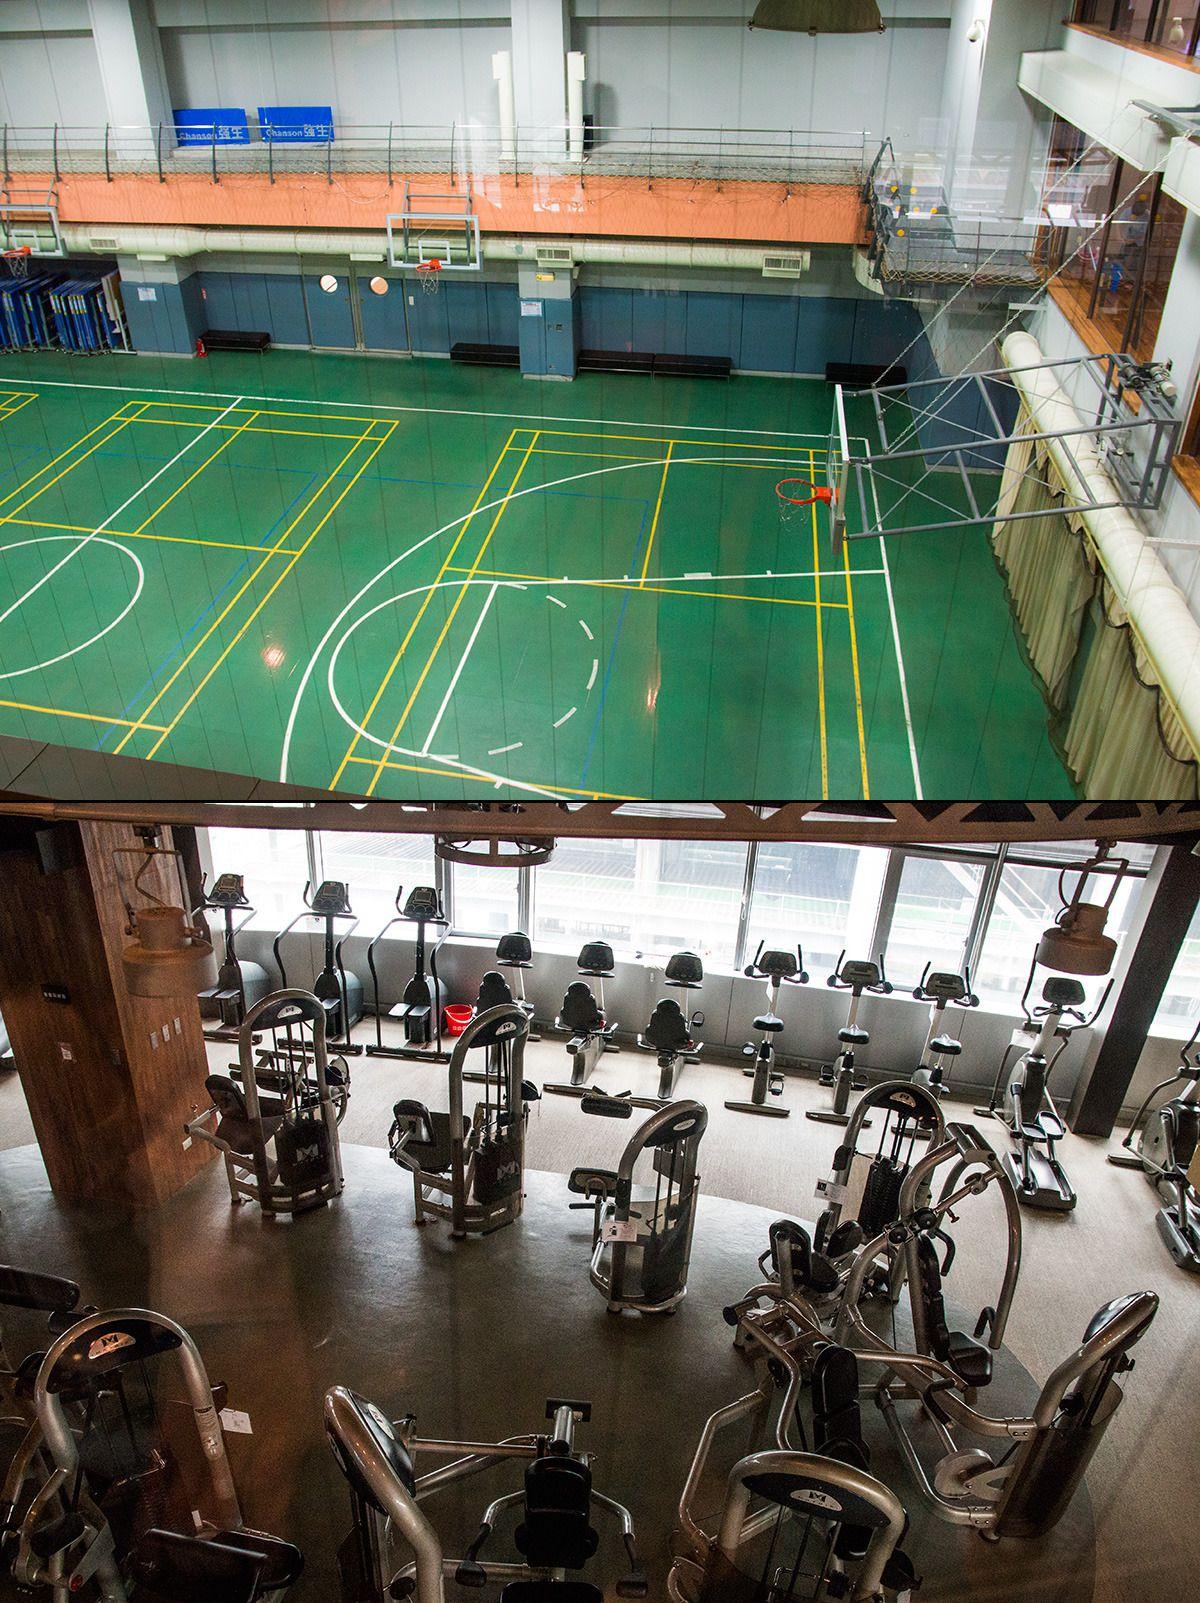 Like innenfor lobbyen, og rett under kantina, finner vi et digert treningsanlegg komplett med en basketballbane i full størrelse. Når de ansatte er ferdige å trene kan de besøke bygningens egen Starbucks-kafé..Foto: Varg Aamo, Hardware.no